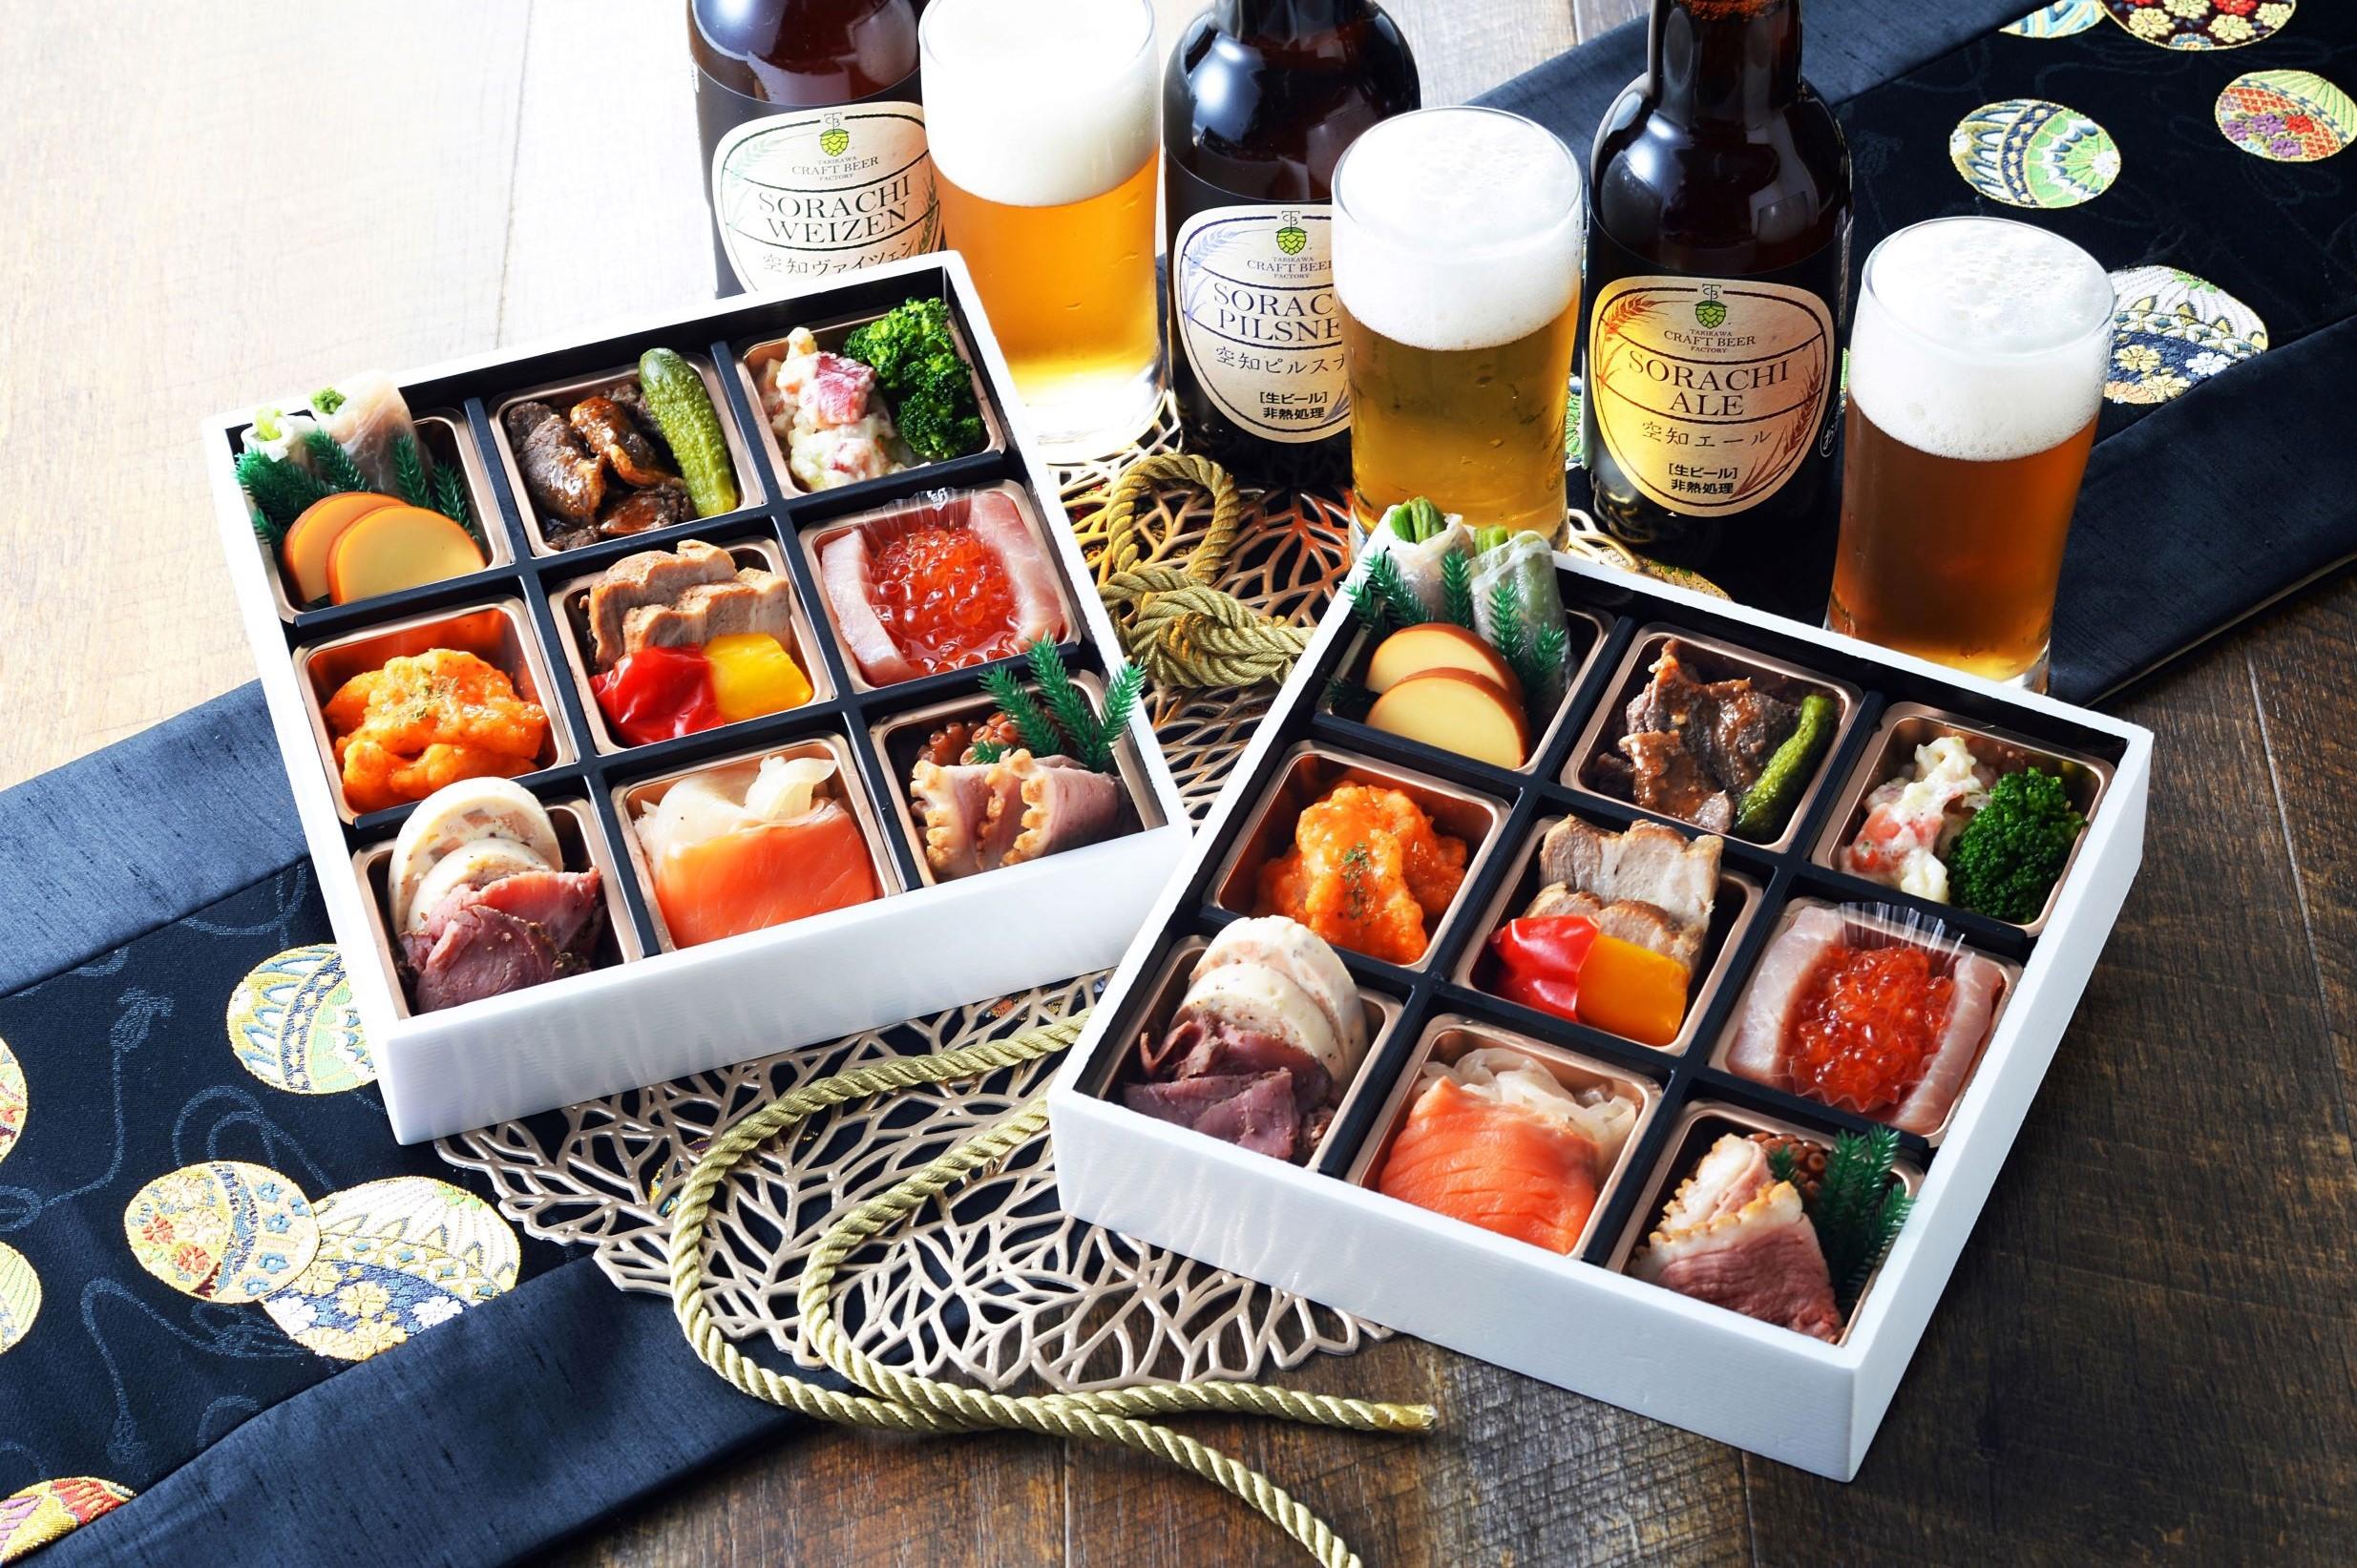 【お正月準備】「洋風おせち」2セット&地ビール3本